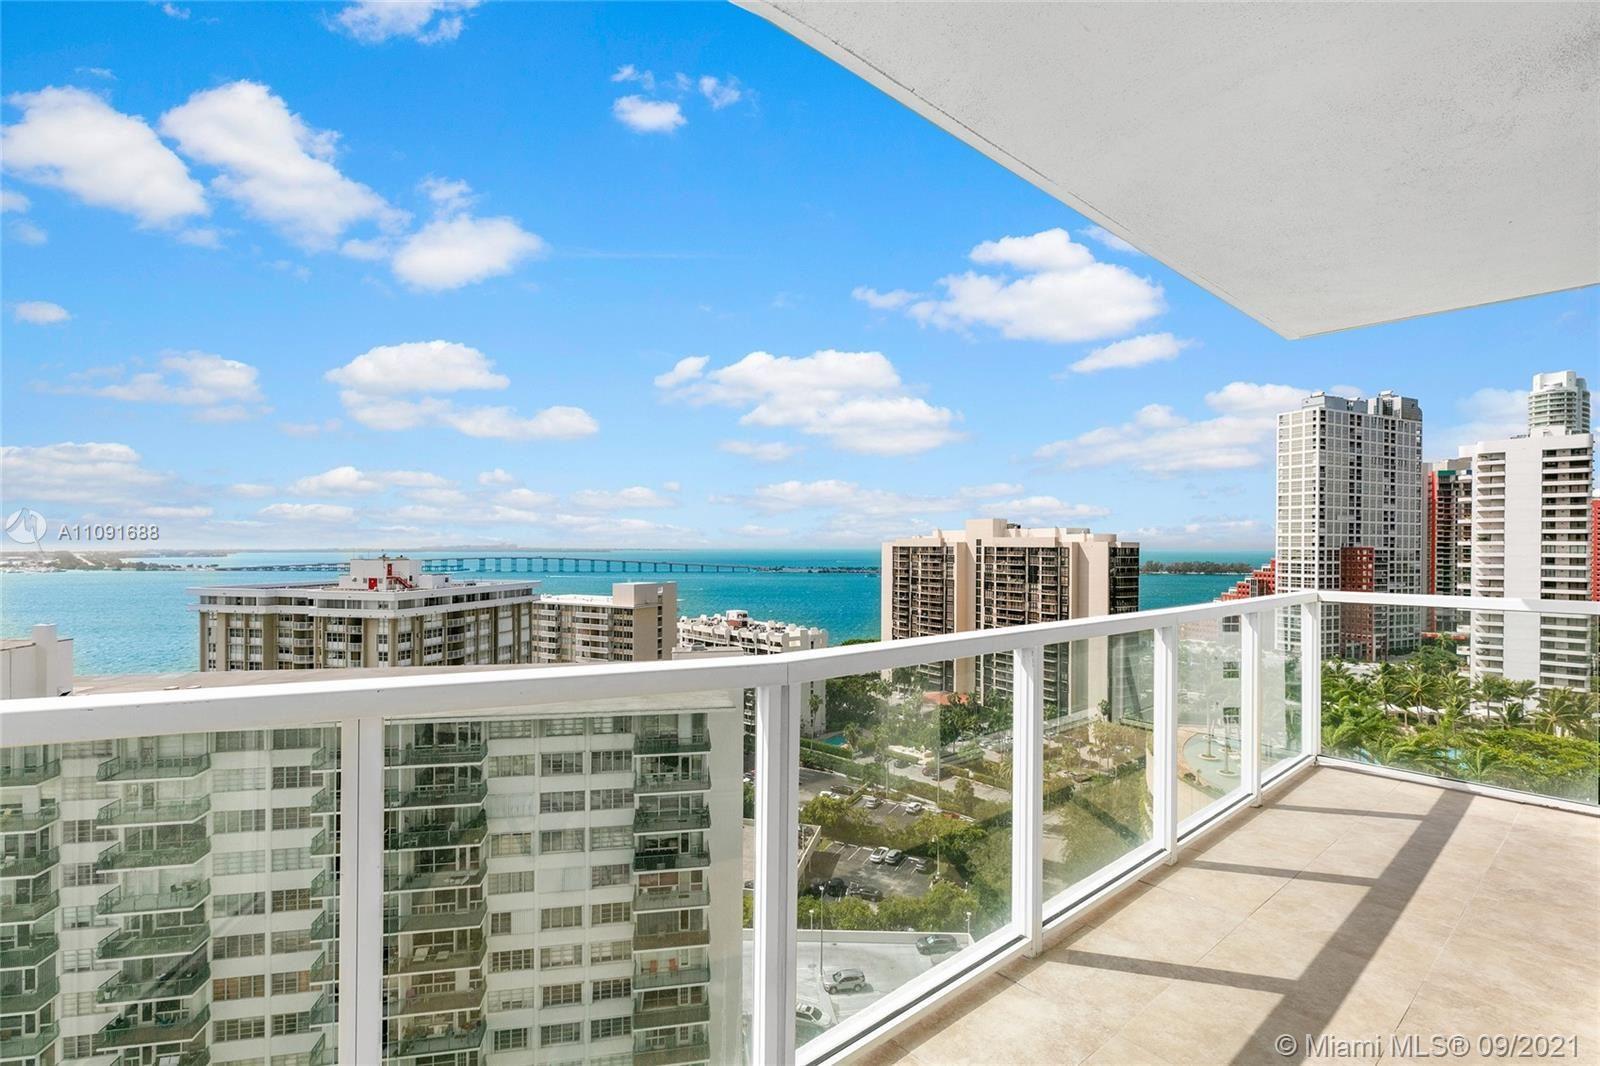 218 SE 14th St #1807, Miami, FL 33131 - #: A11091688